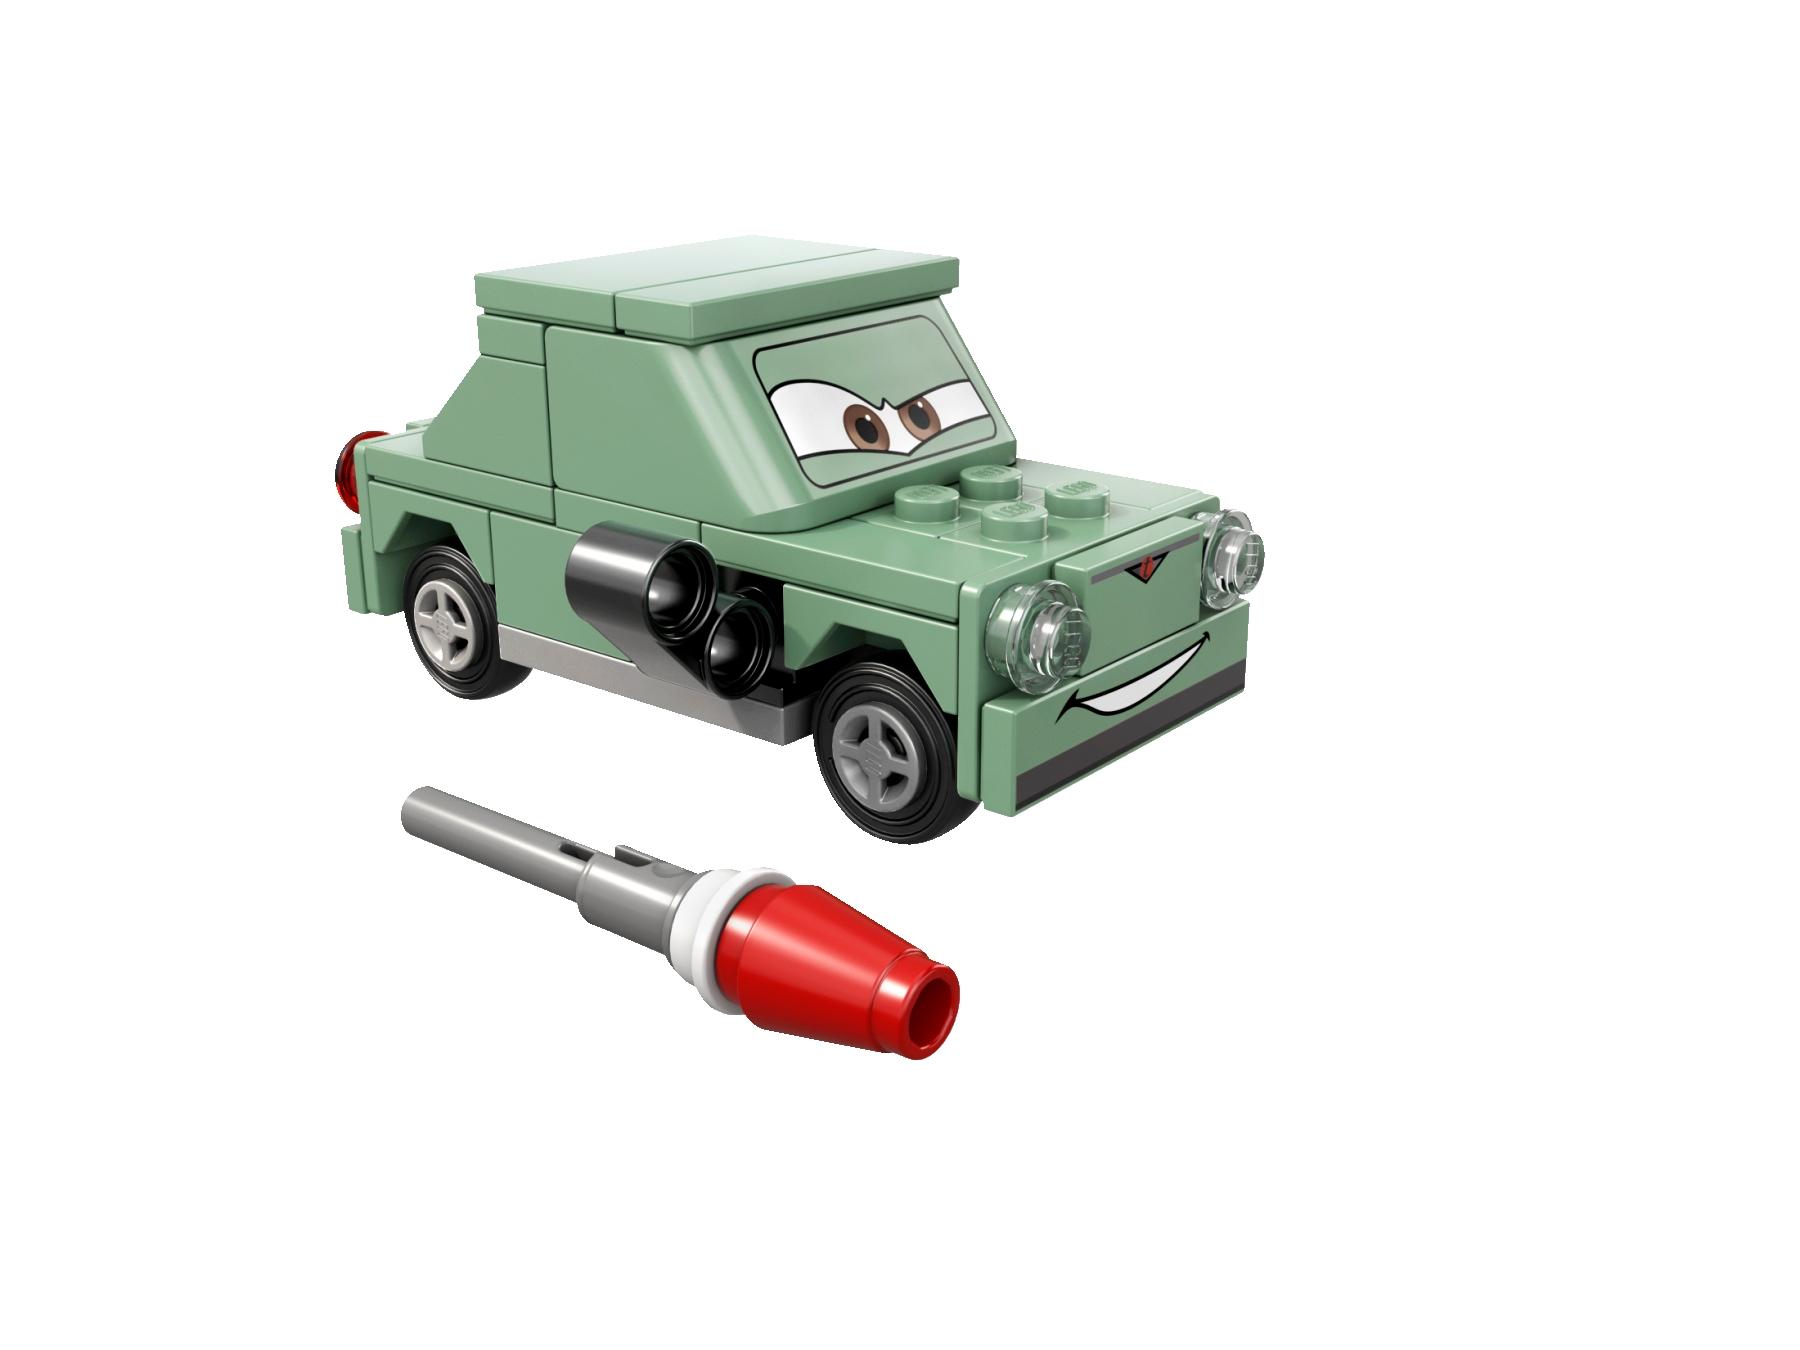 lego cars 9483 agent hook auf der flucht miwarz teltow lego g nstig kaufen. Black Bedroom Furniture Sets. Home Design Ideas